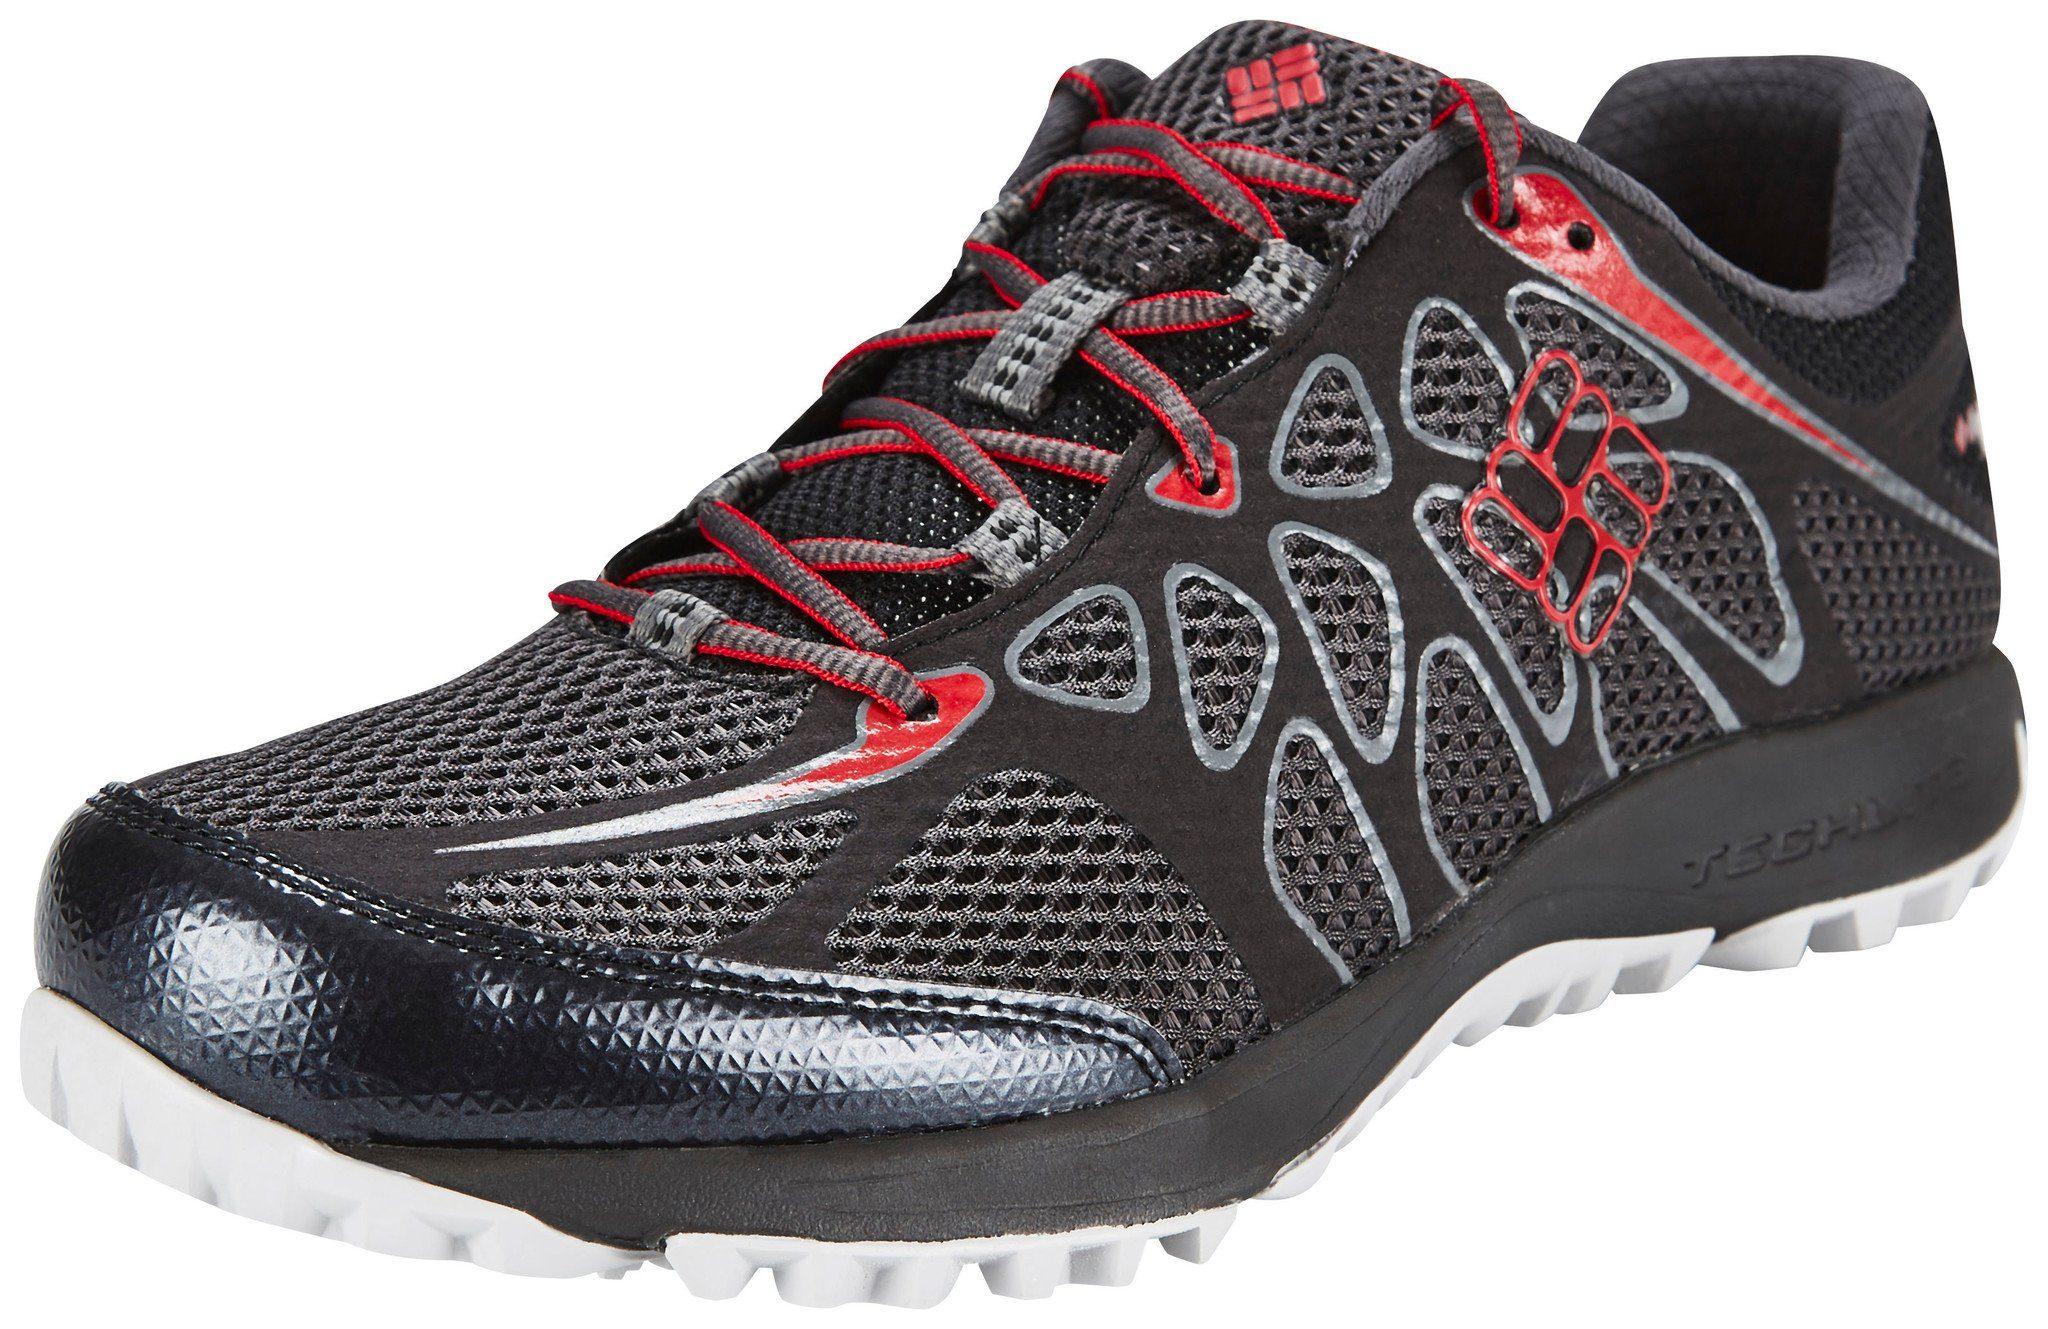 Columbia Kletterschuh Conspiracy Titanium Shoes Men online kaufen  grau